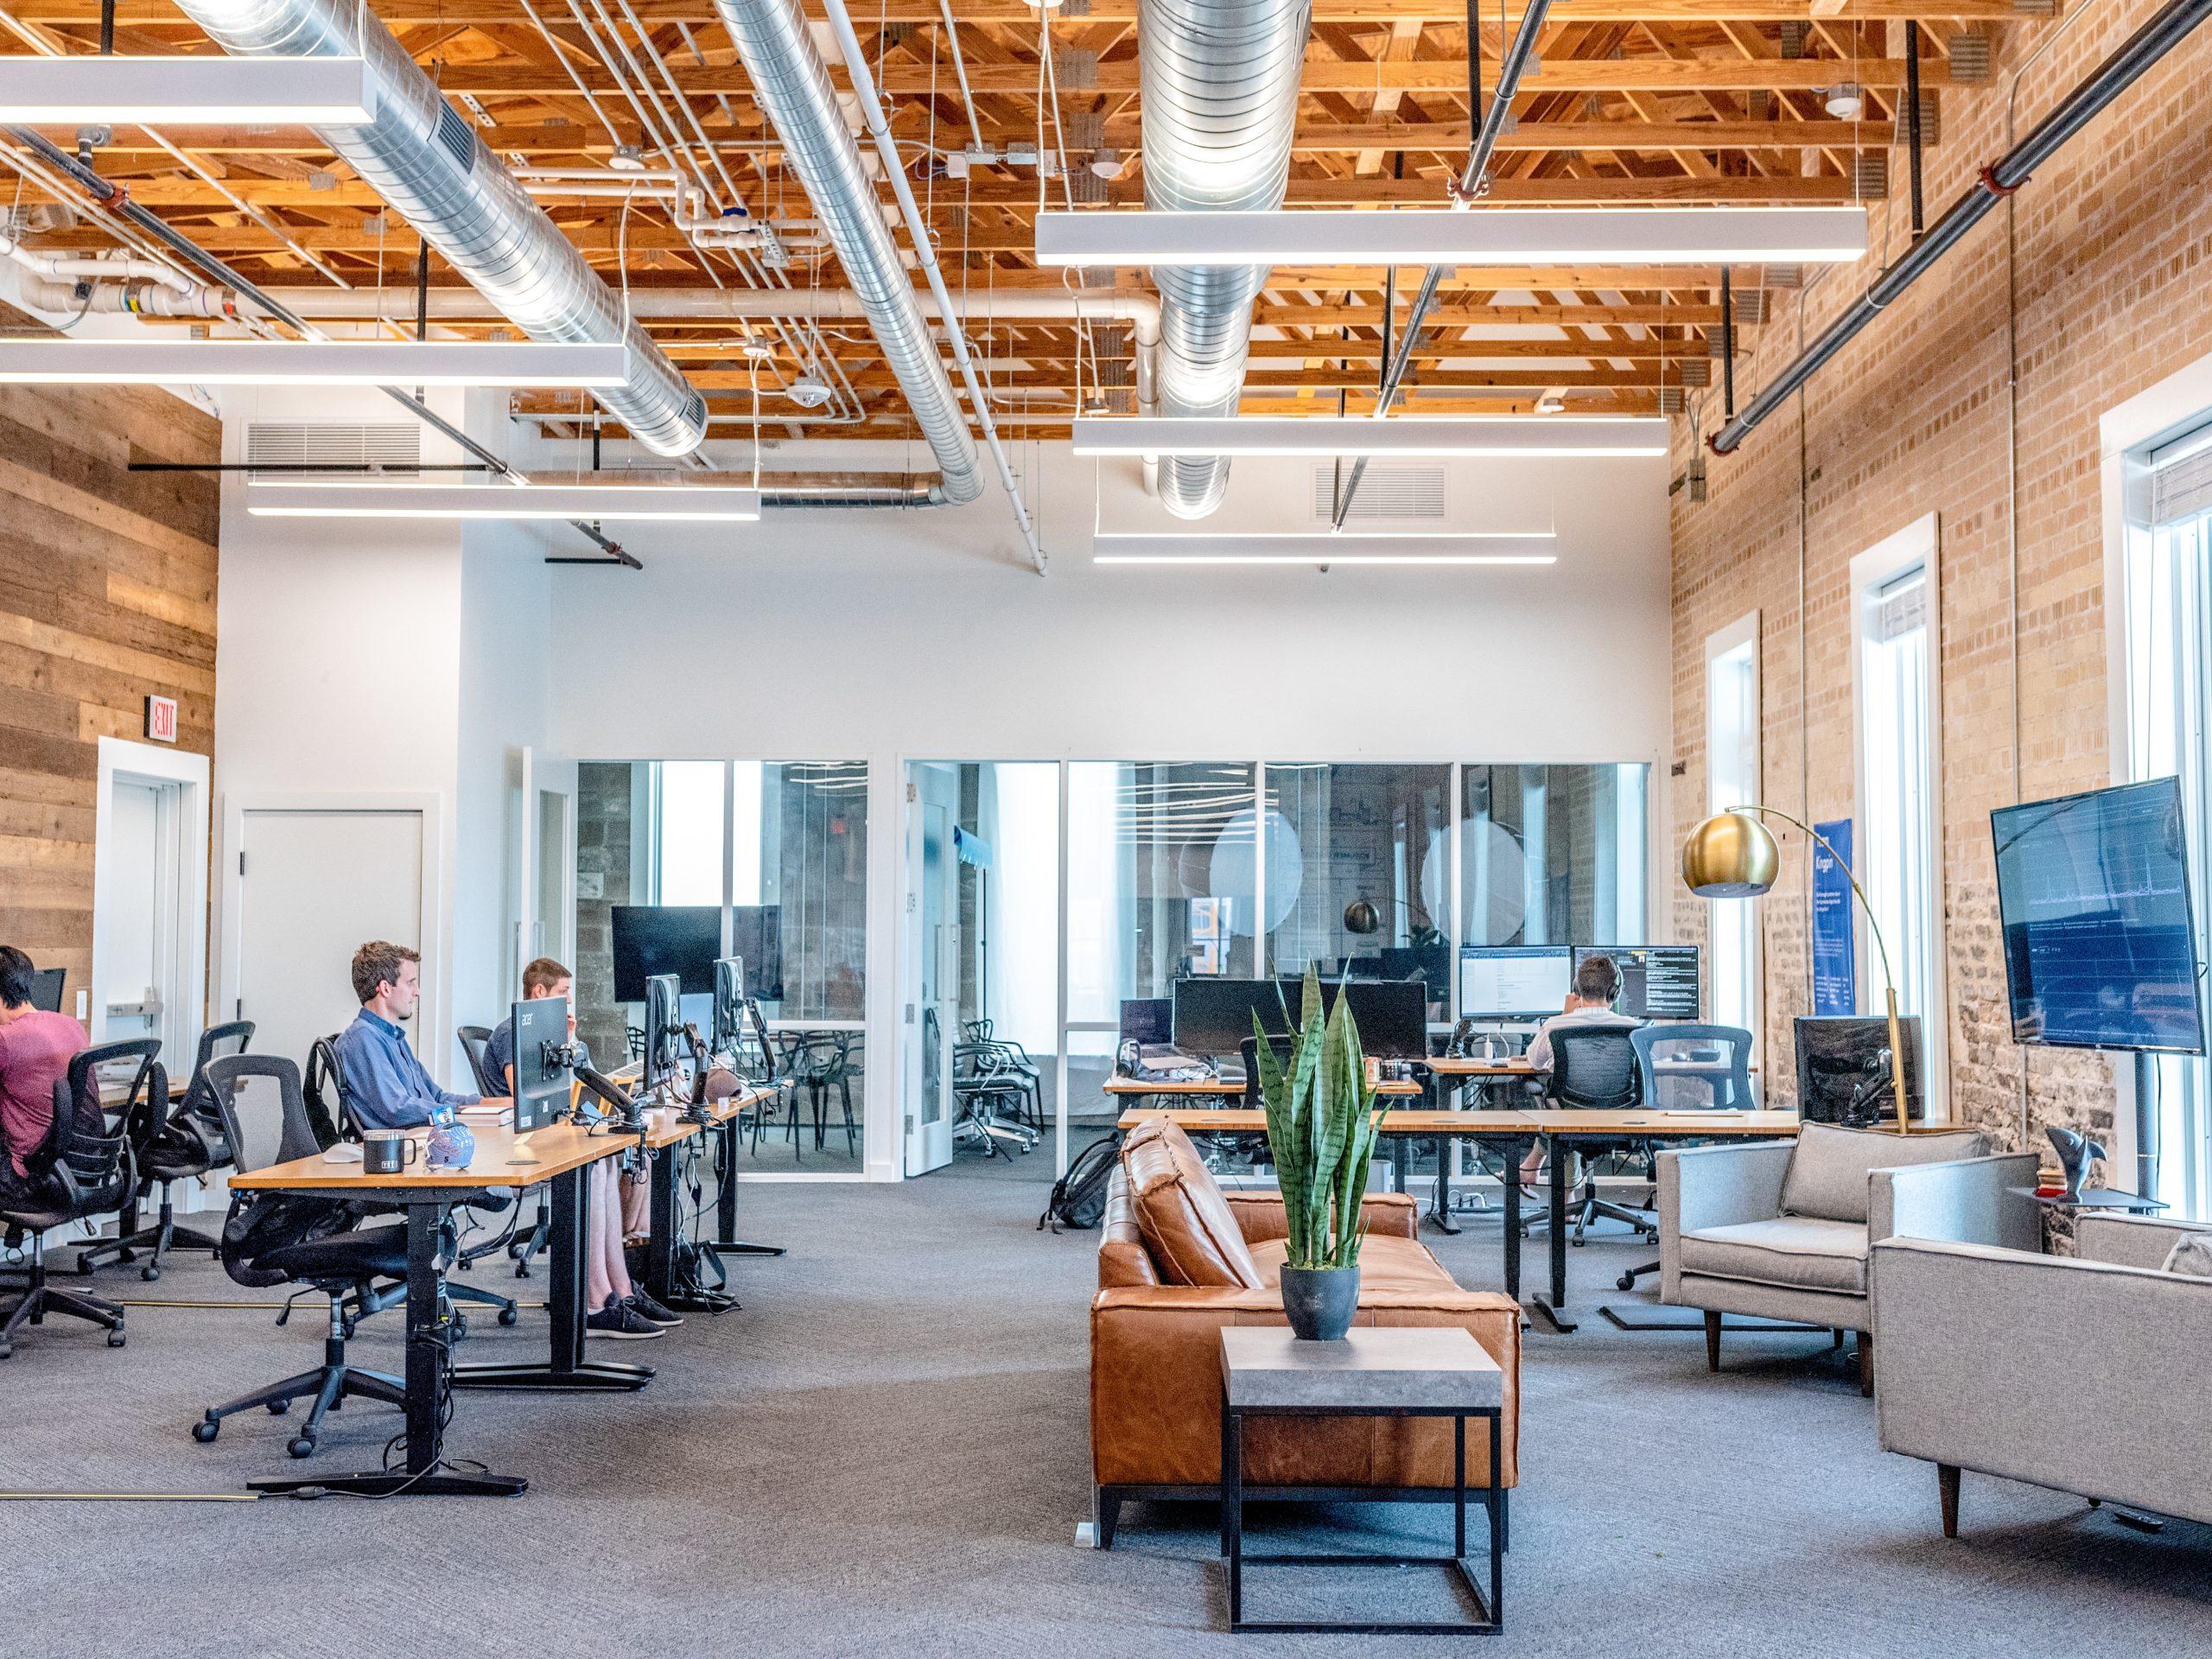 Arbeiter im großen Büro